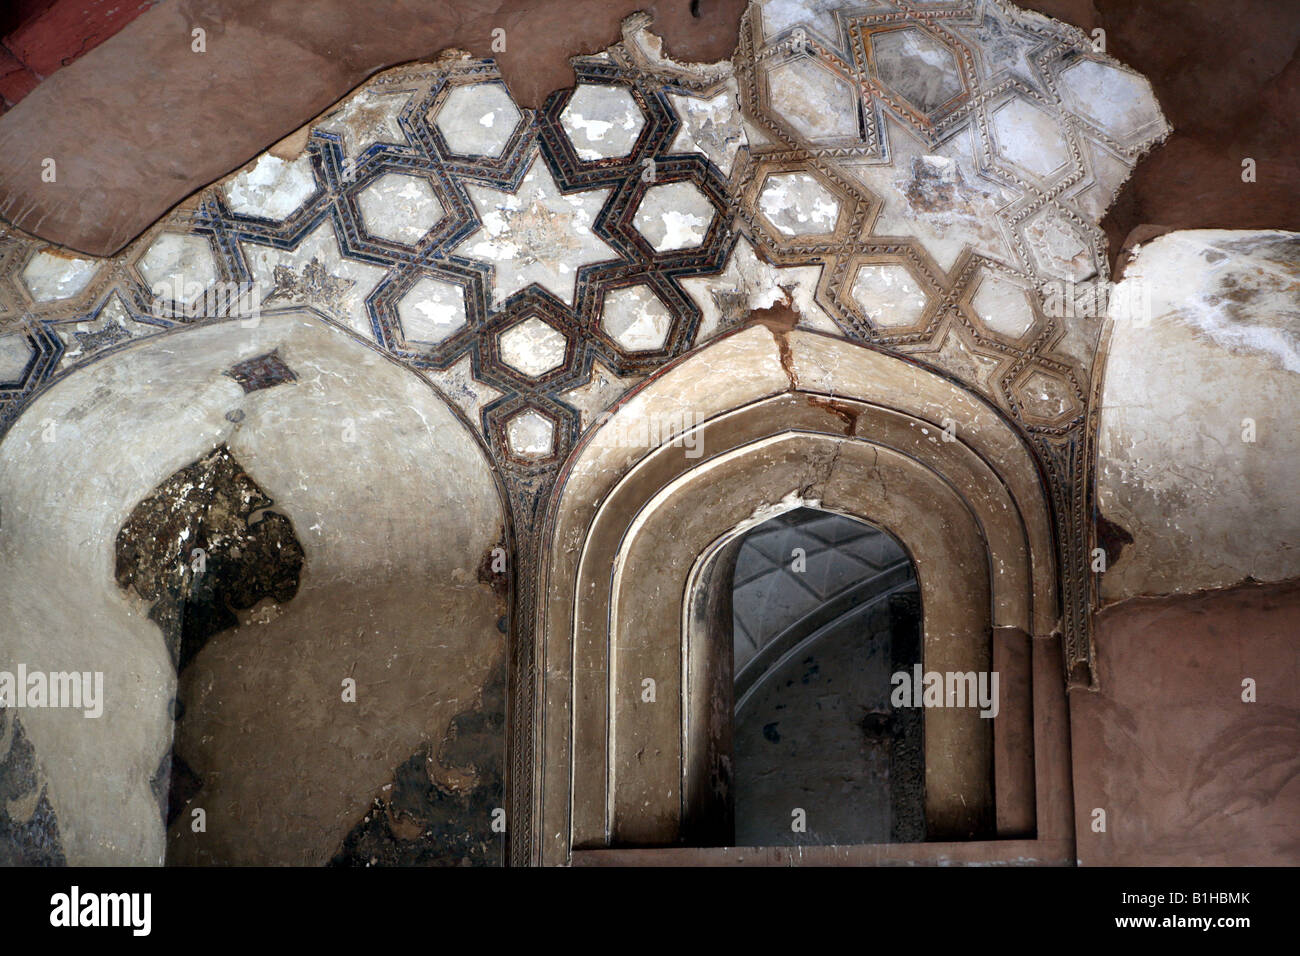 Wand  Und Deckengestaltung Im Palast Innerhalb Des Red Fort Agra Indien AKA  Lal Qila Fort Rouge Und Agra Fort